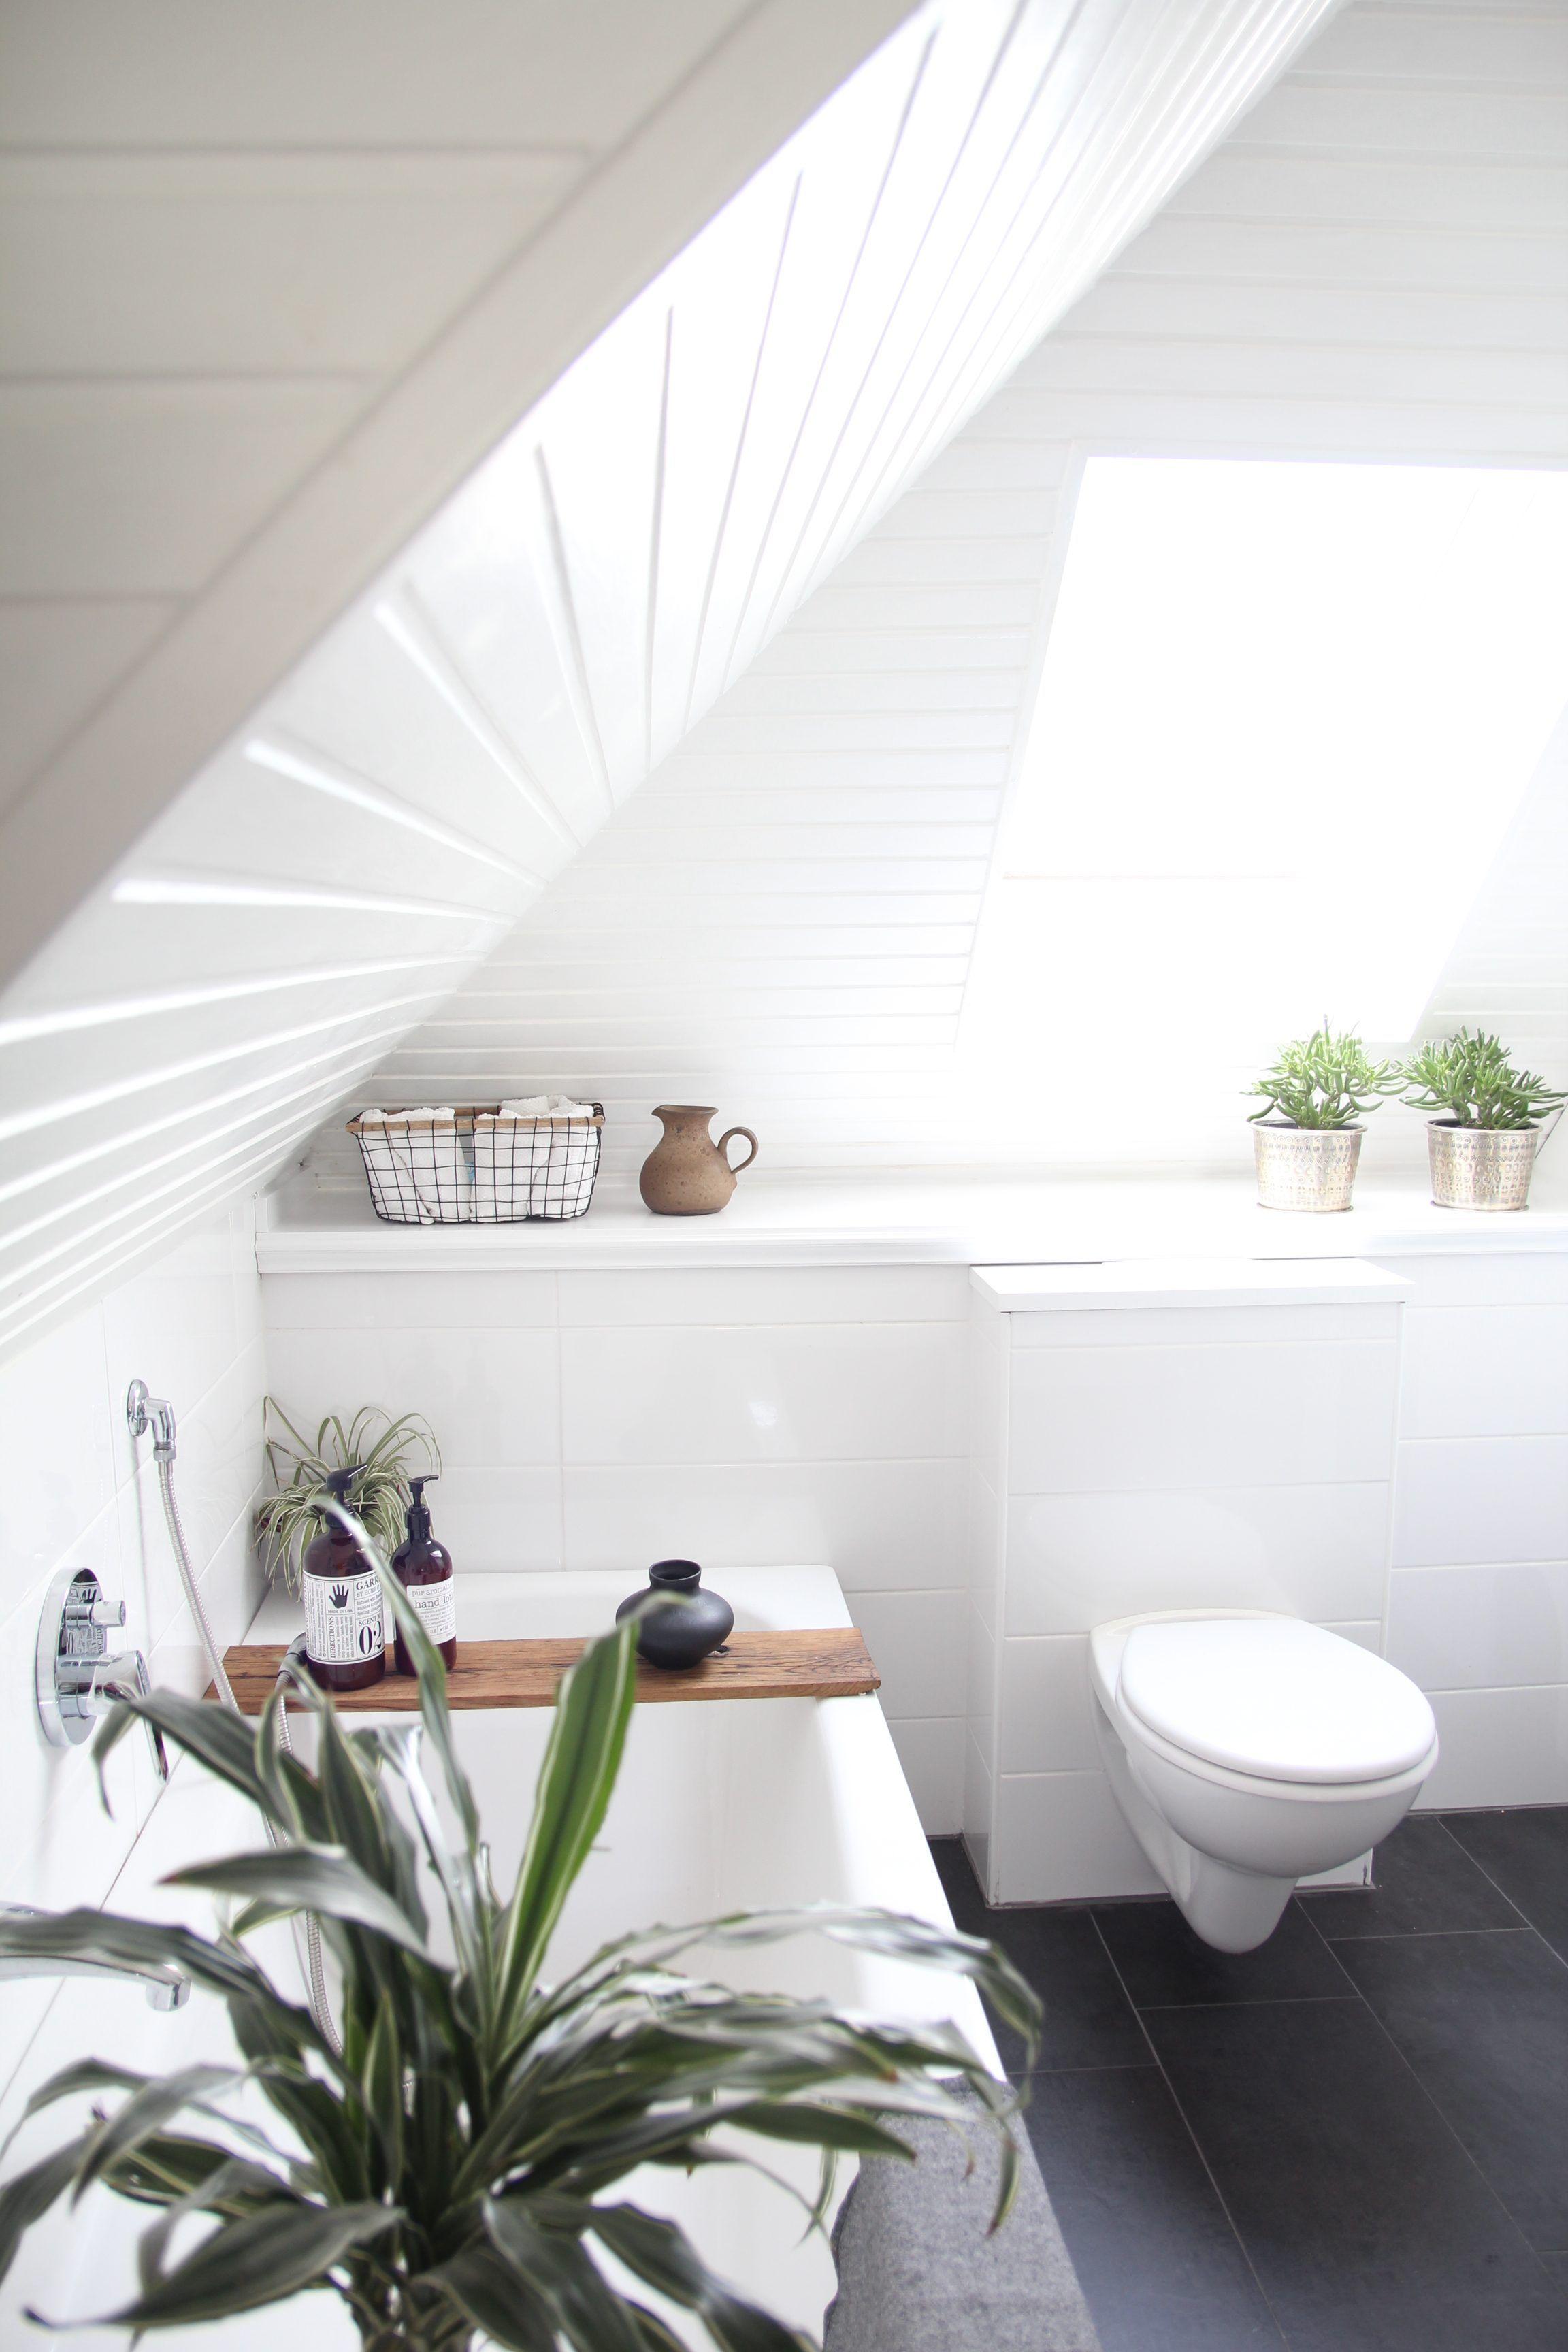 Badezimmer Selbst Renovieren Badezimmer Renovieren Badezimmer Dachschrage Badezimmer Neu Gestalten